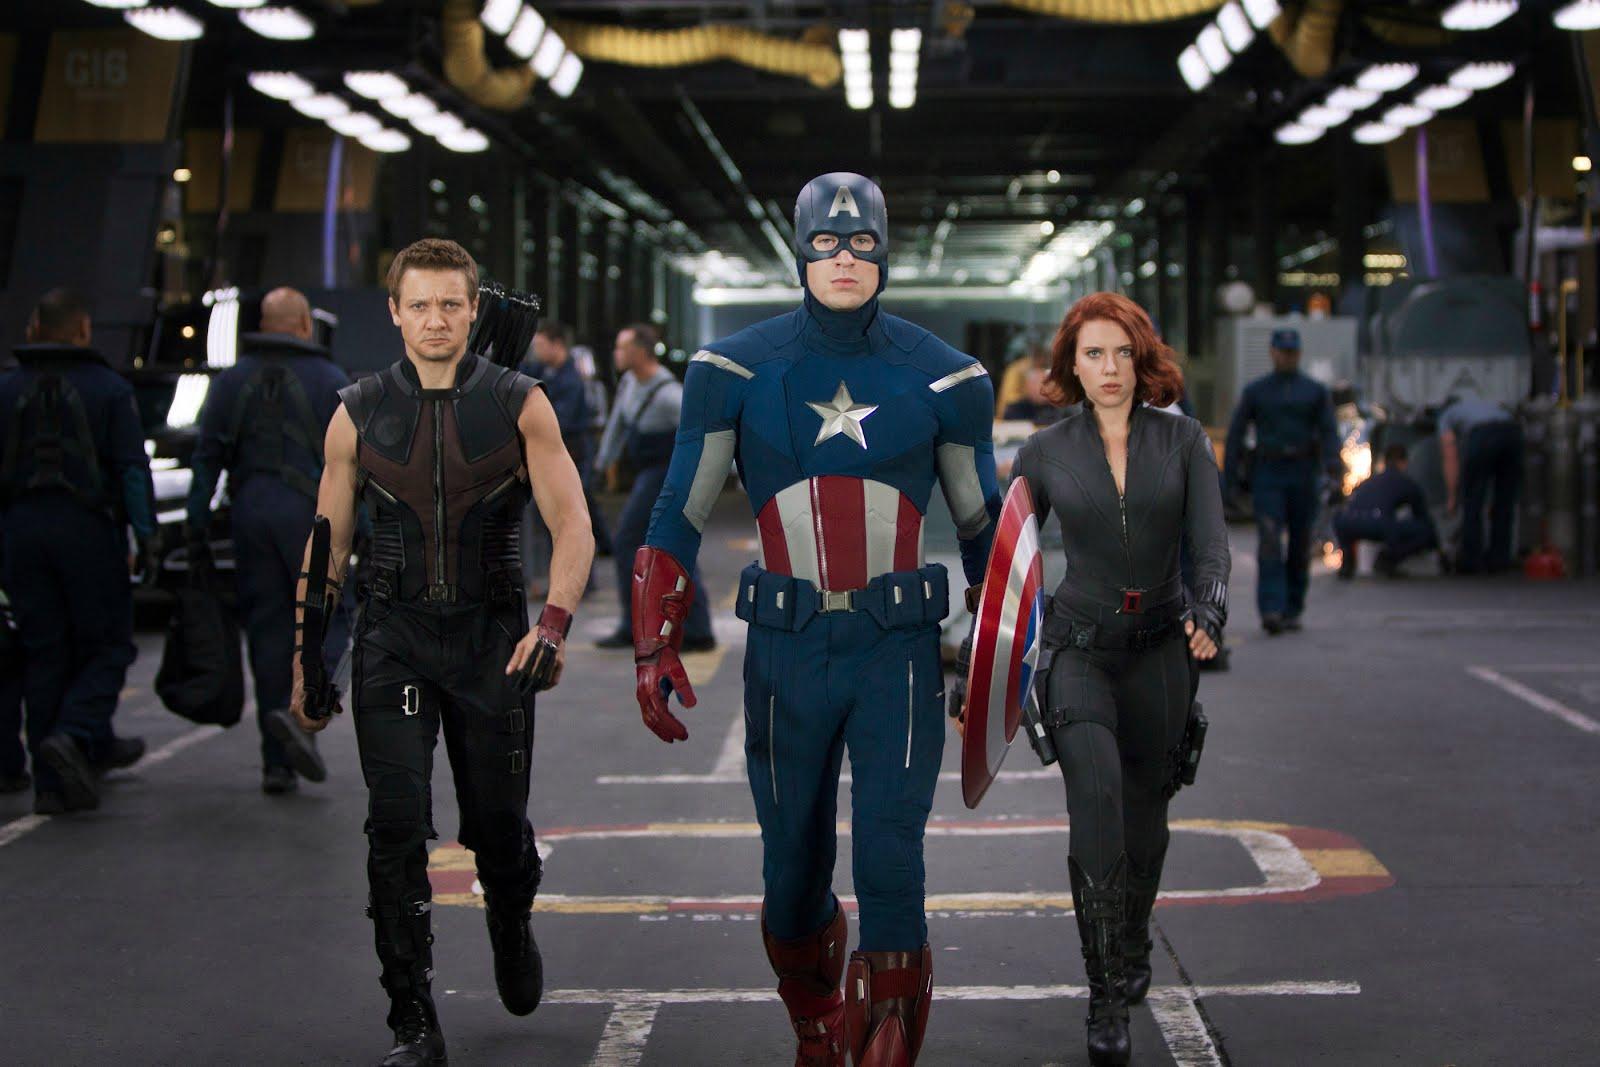 Aggiornamento incassi di The Avengers